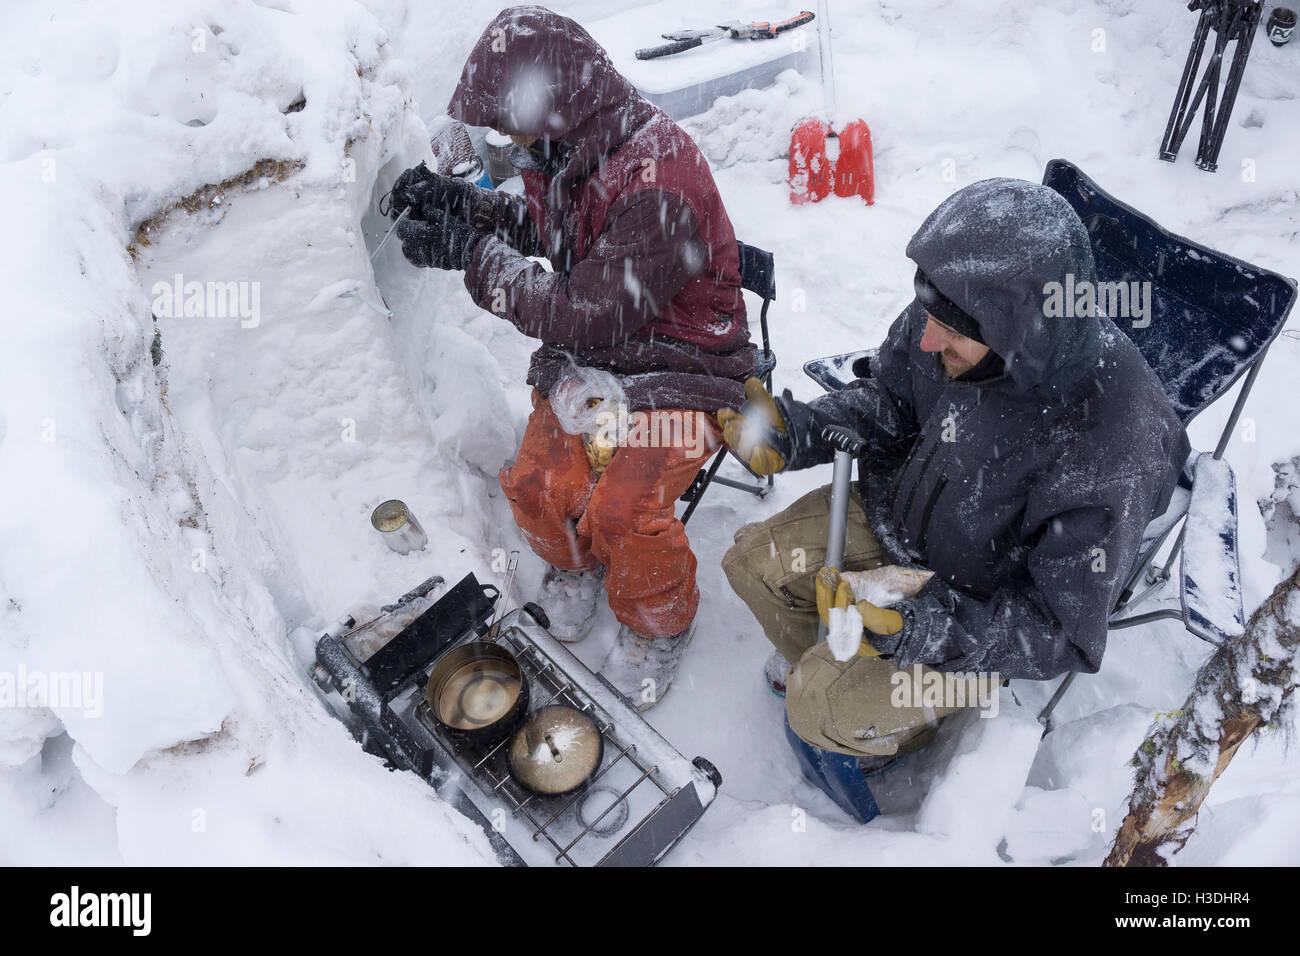 Cooking per colazione durante una tempesta di neve Immagini Stock